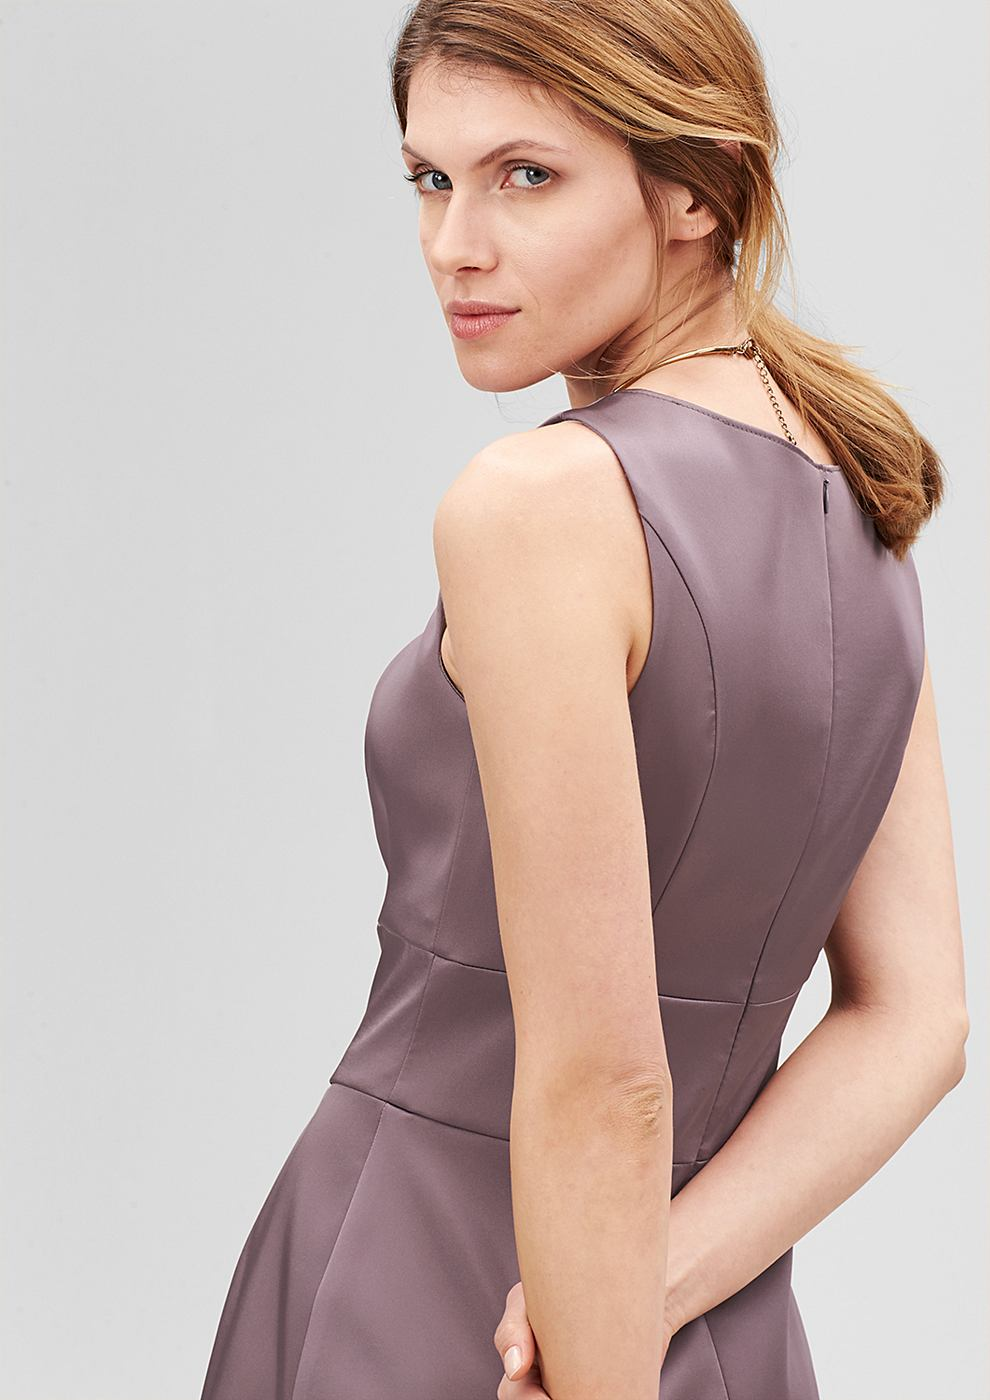 s.Oliver Premium Getailleerde jurk van satijn paars